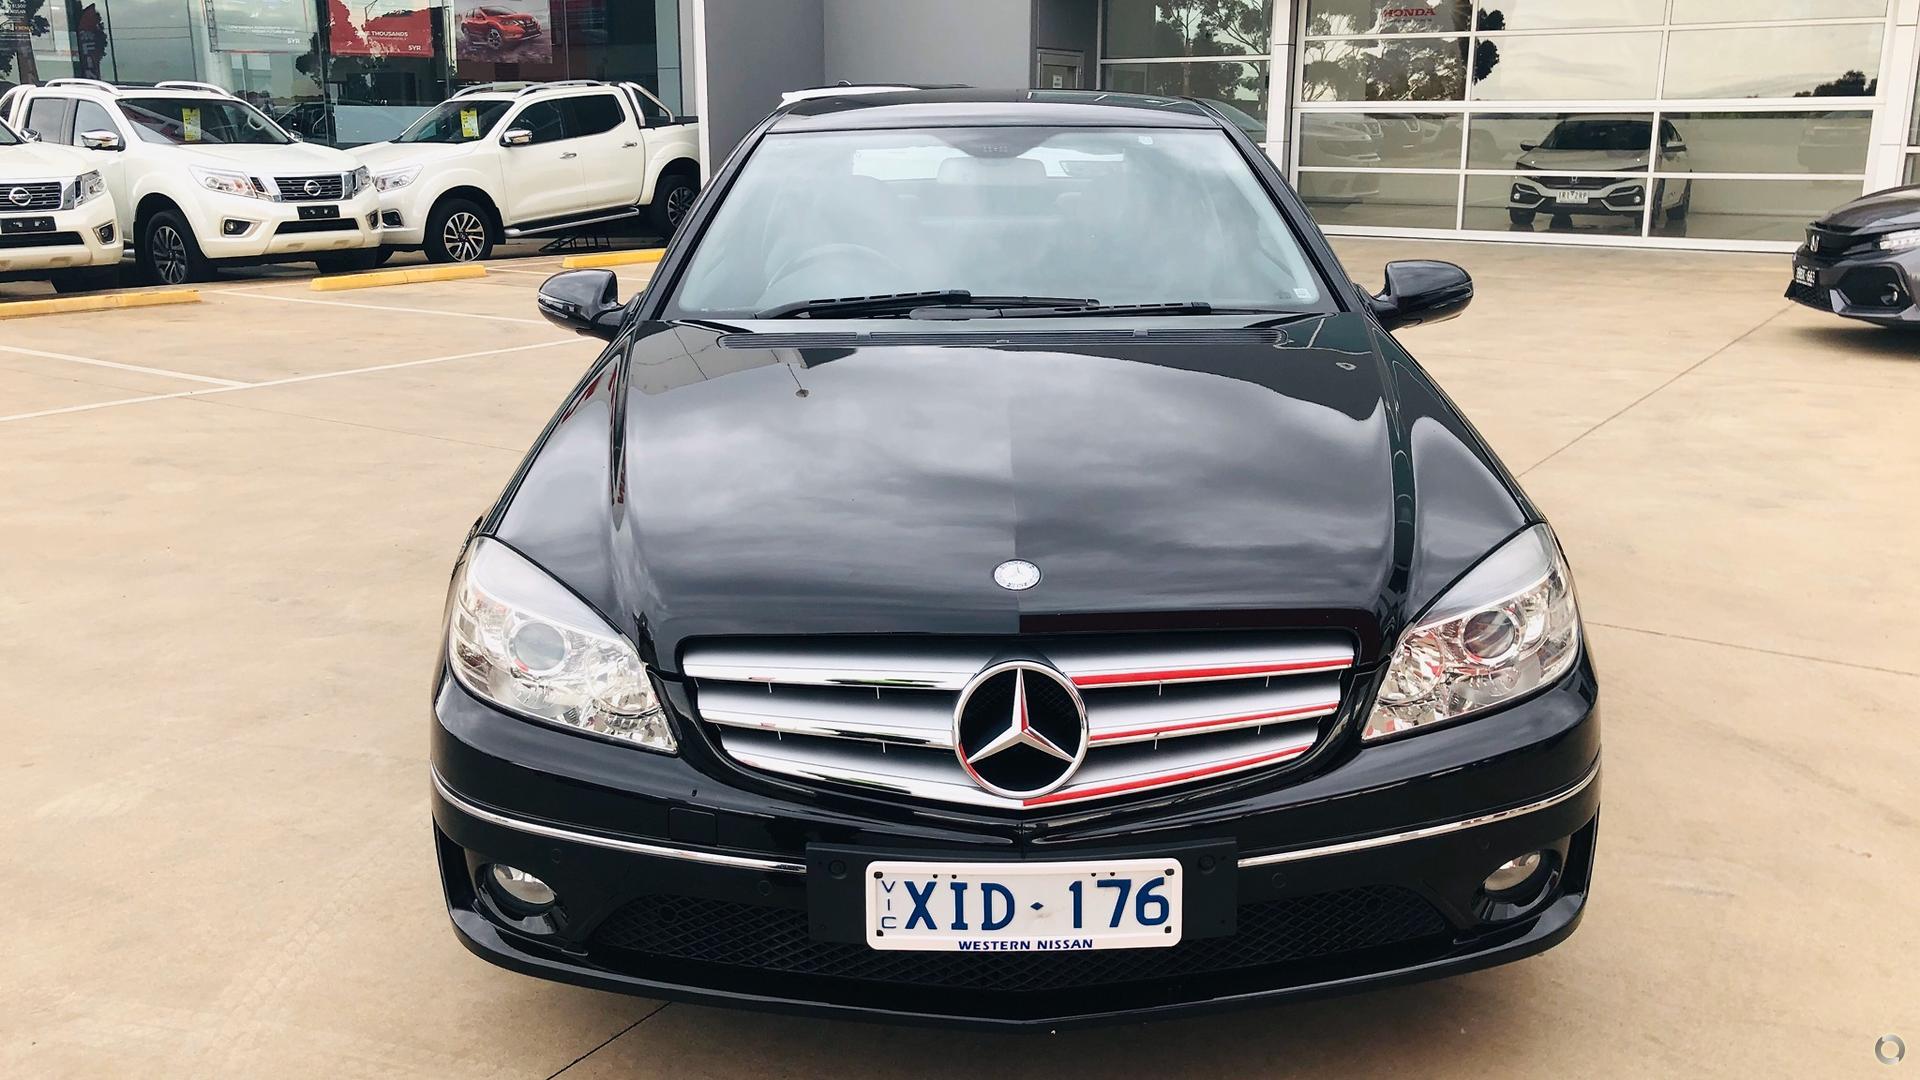 2009 Mercedes-benz Clc200 Kompressor  CL203